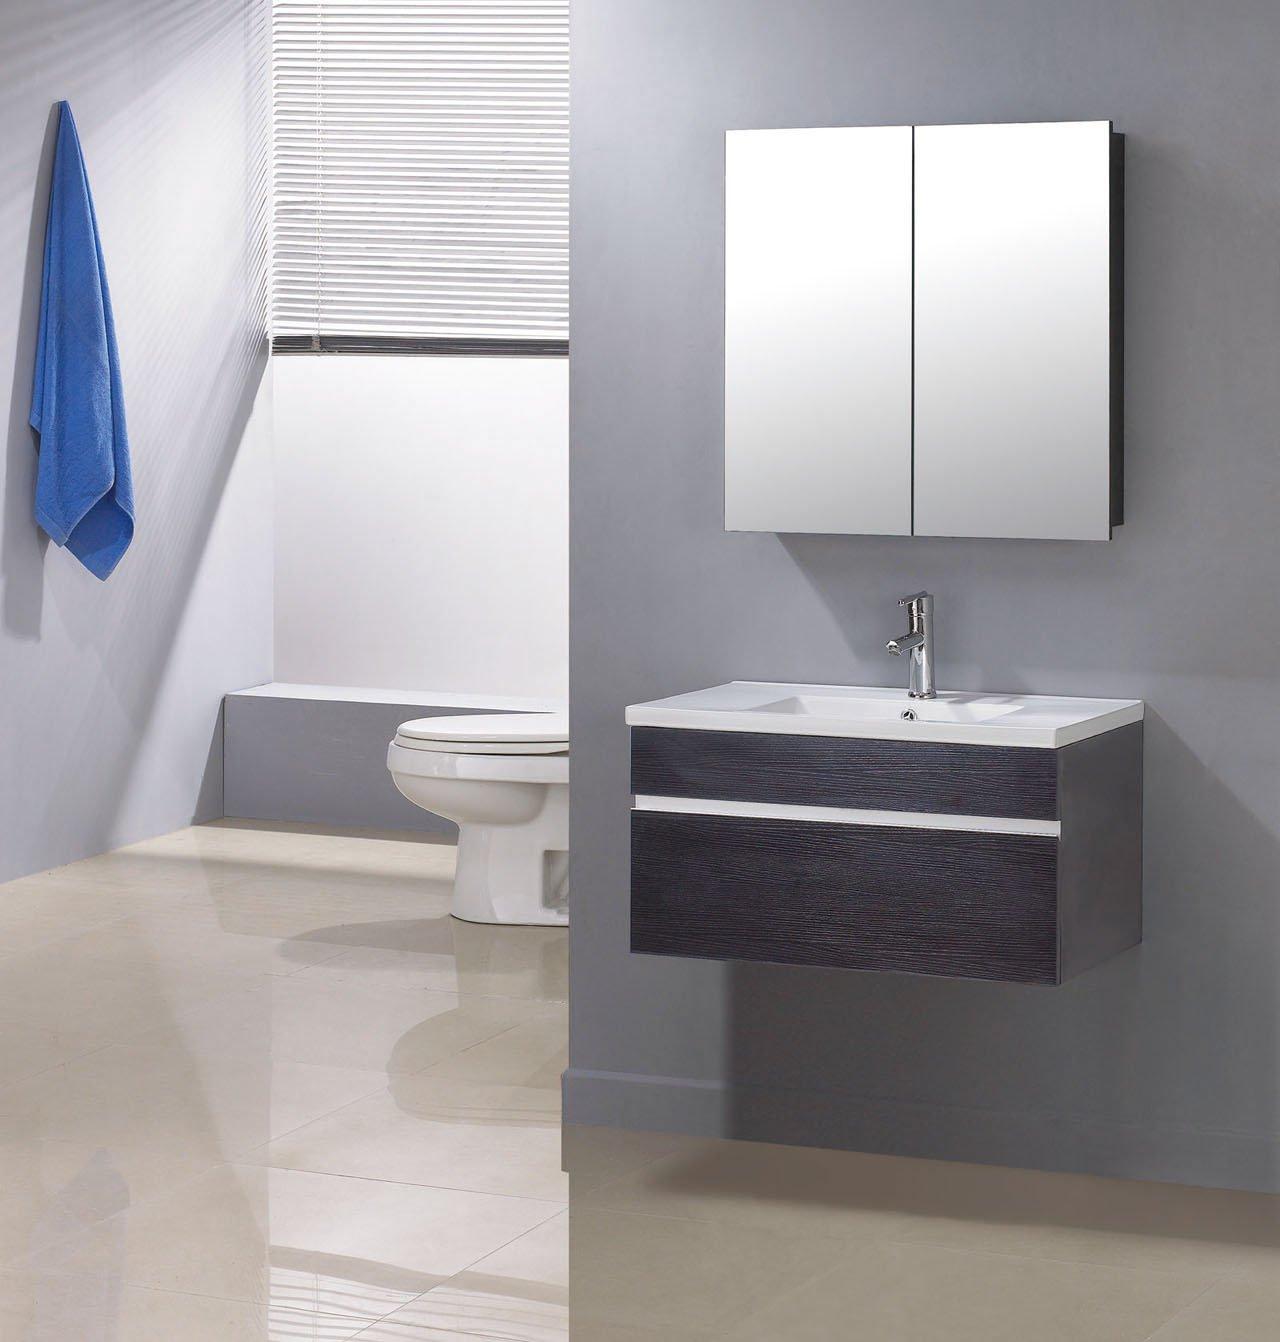 Buena fuente para barato, moderno cuarto de baño vanidad ()